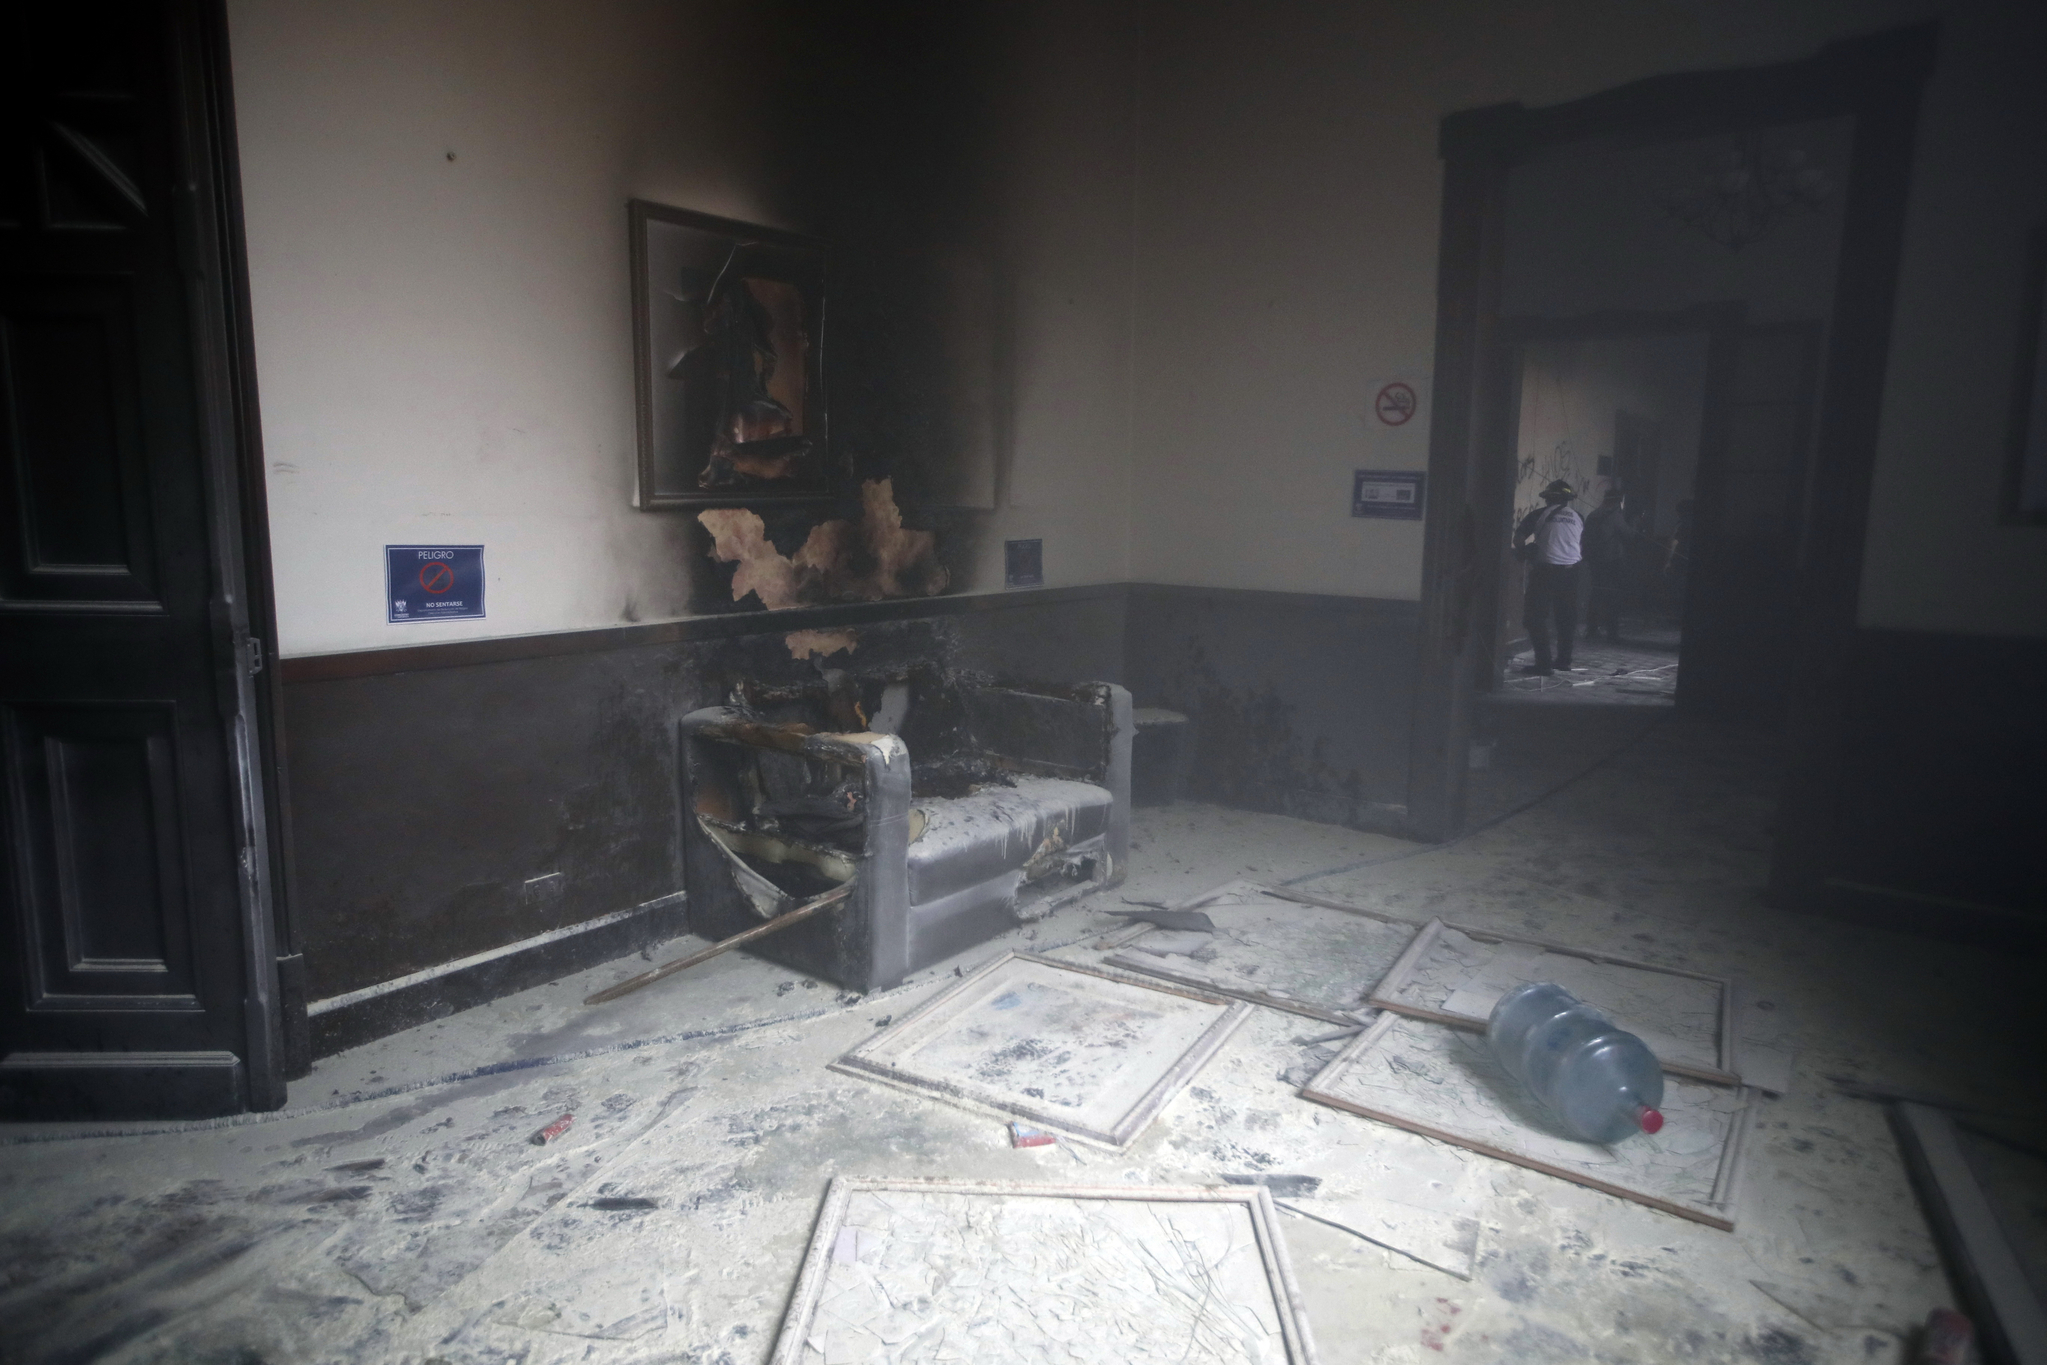 국회 의사당 내 집기와 전시물이 탄 훼손되었다. AP 통신